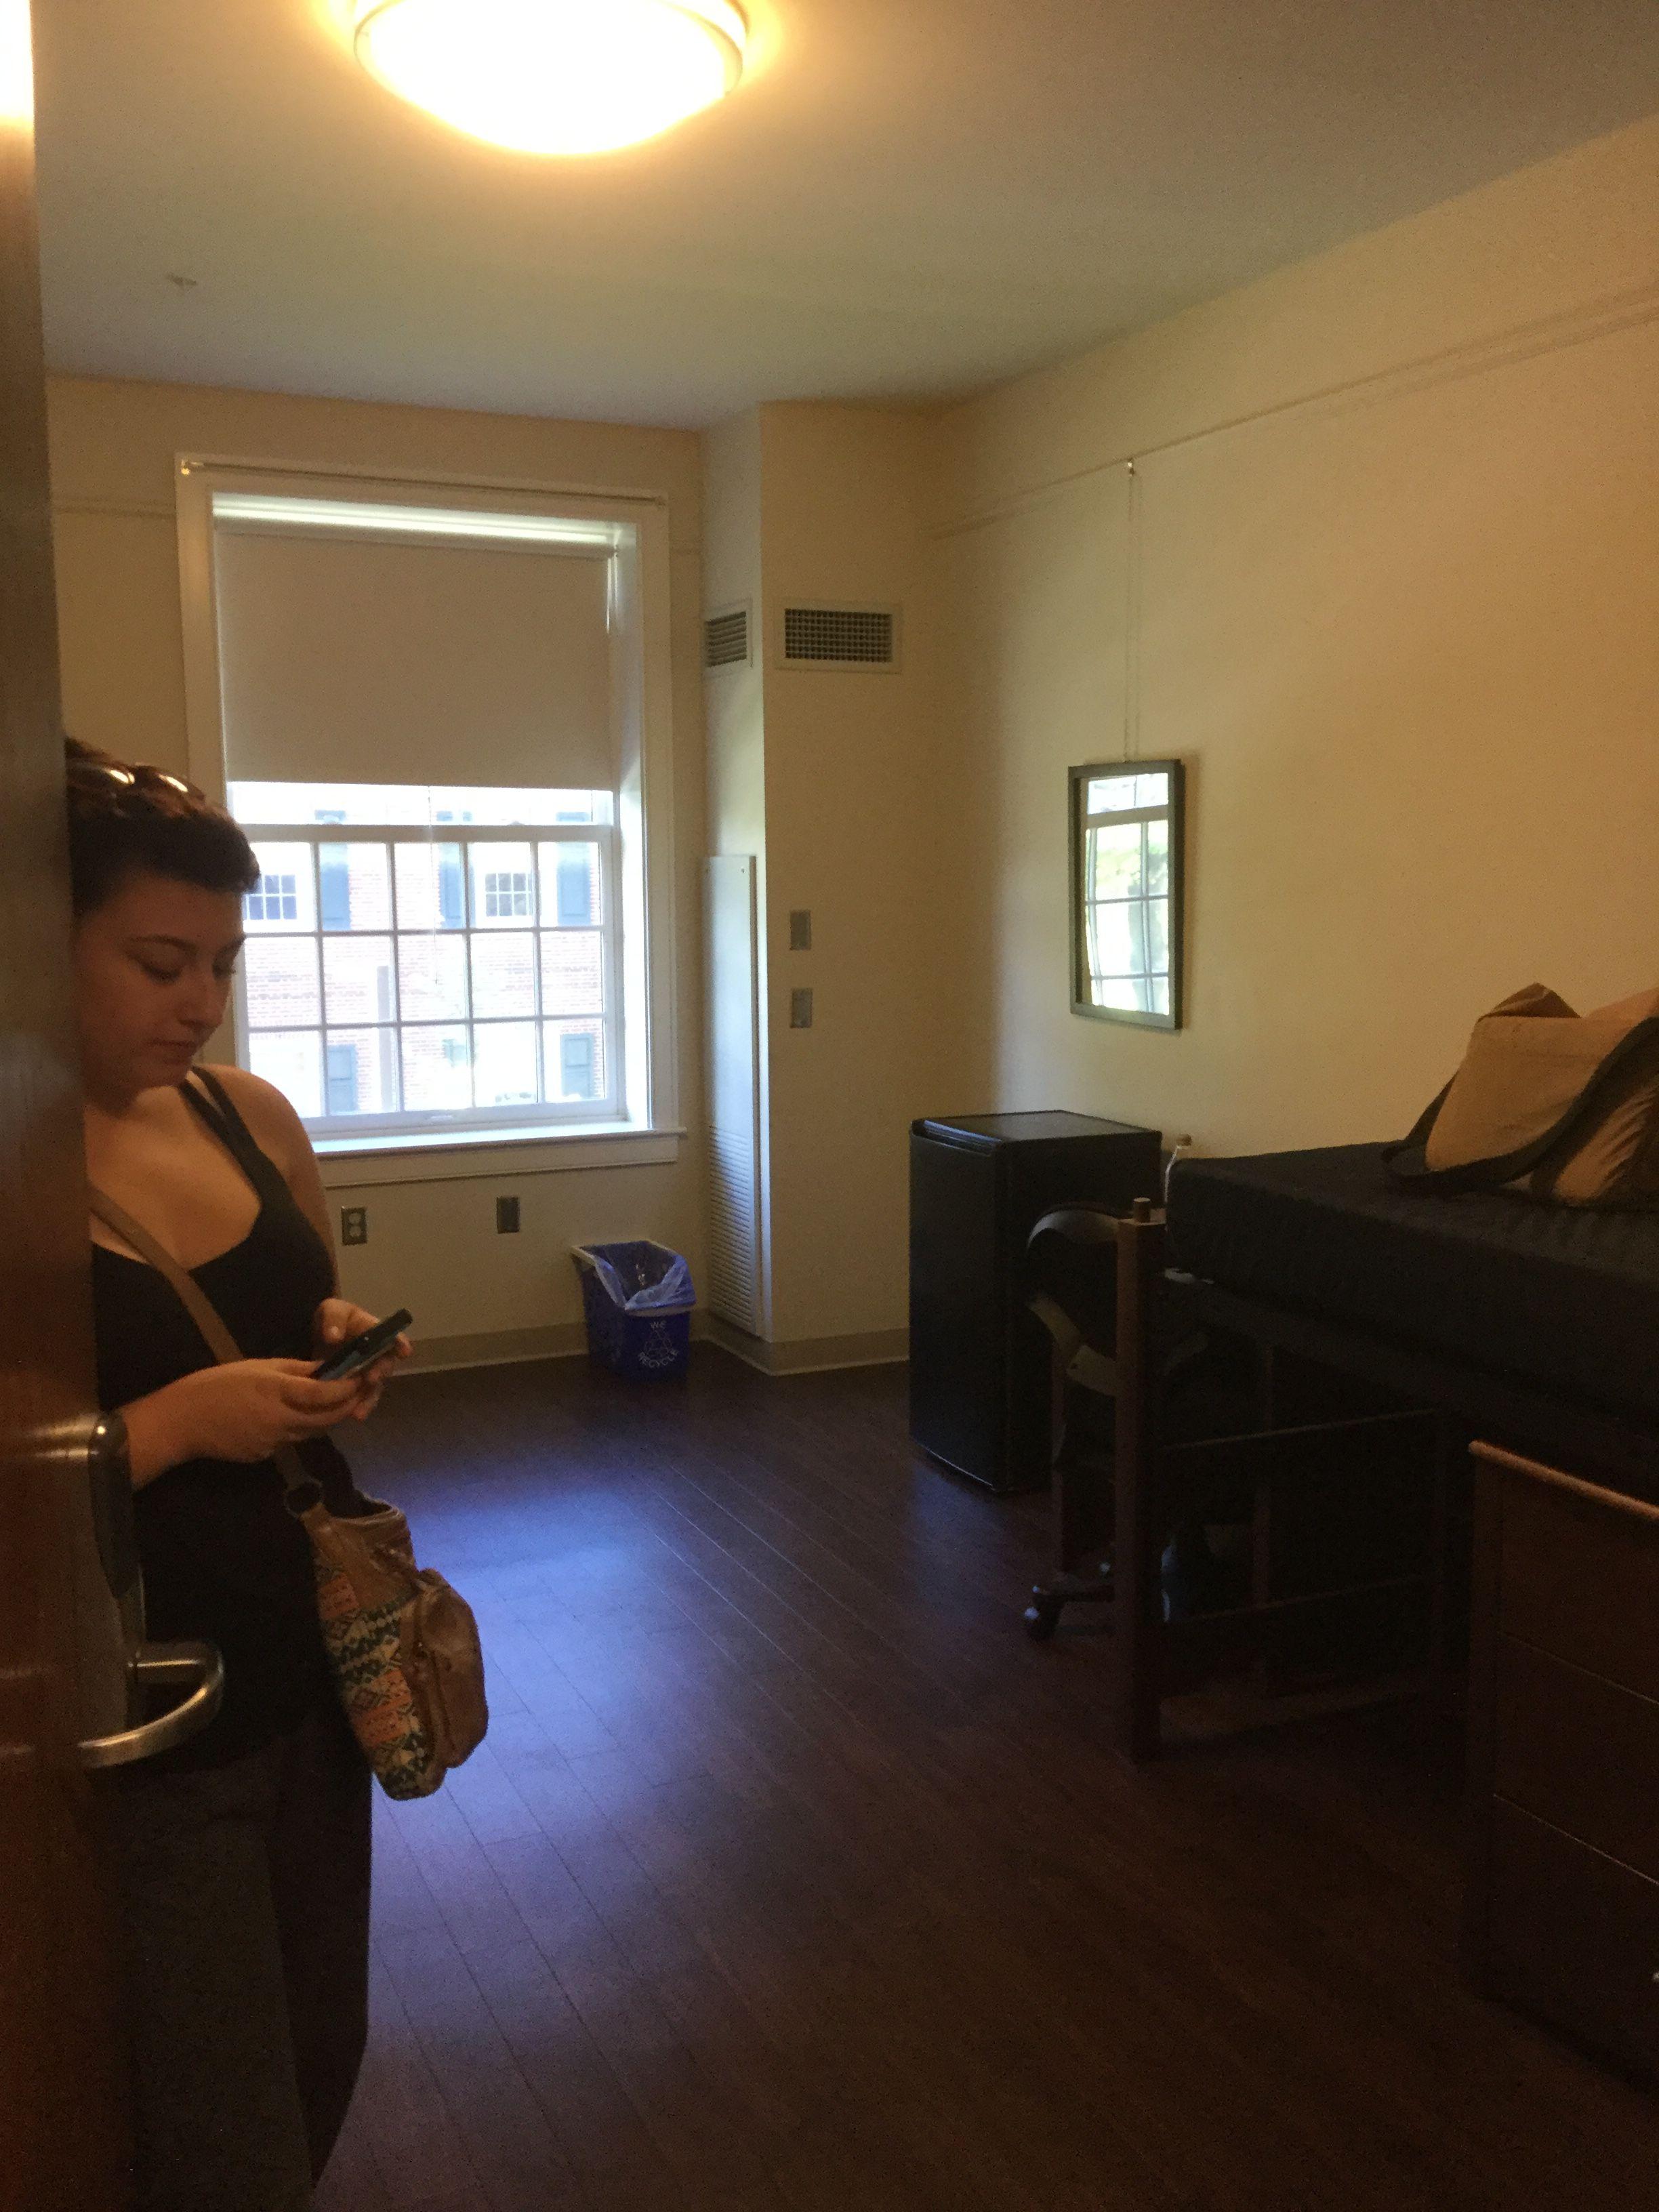 Etheridge 217 2015 University of miami, Mirror selfie, Photo